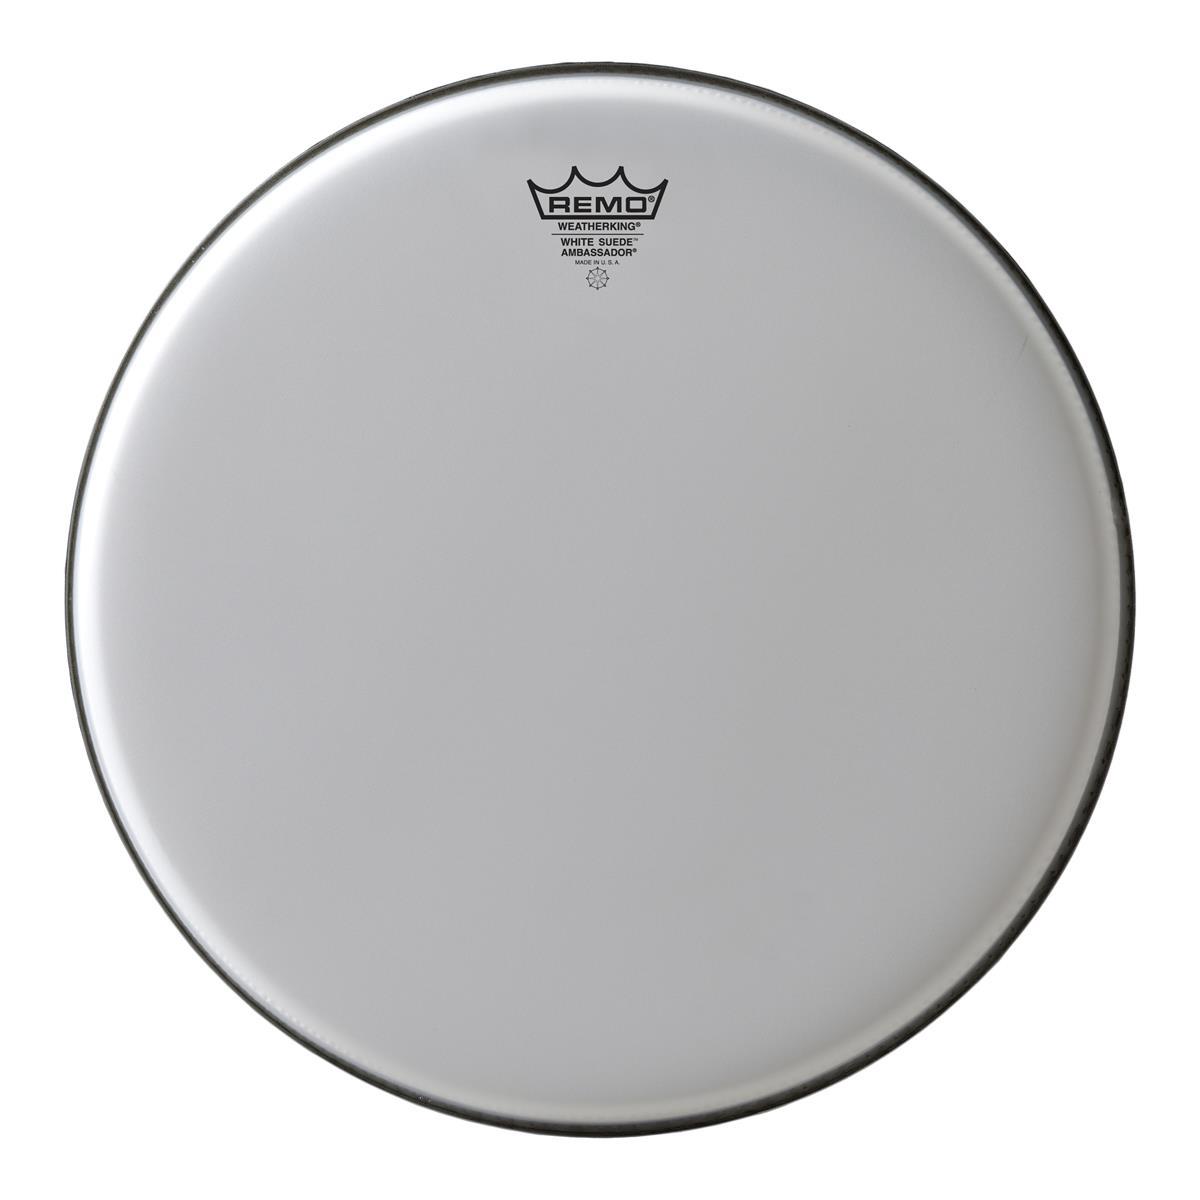 REMO AMBASSADOR WHITE SUEDE 13 - Batterie / Percussioni Accessori - Pelli e Cerchi